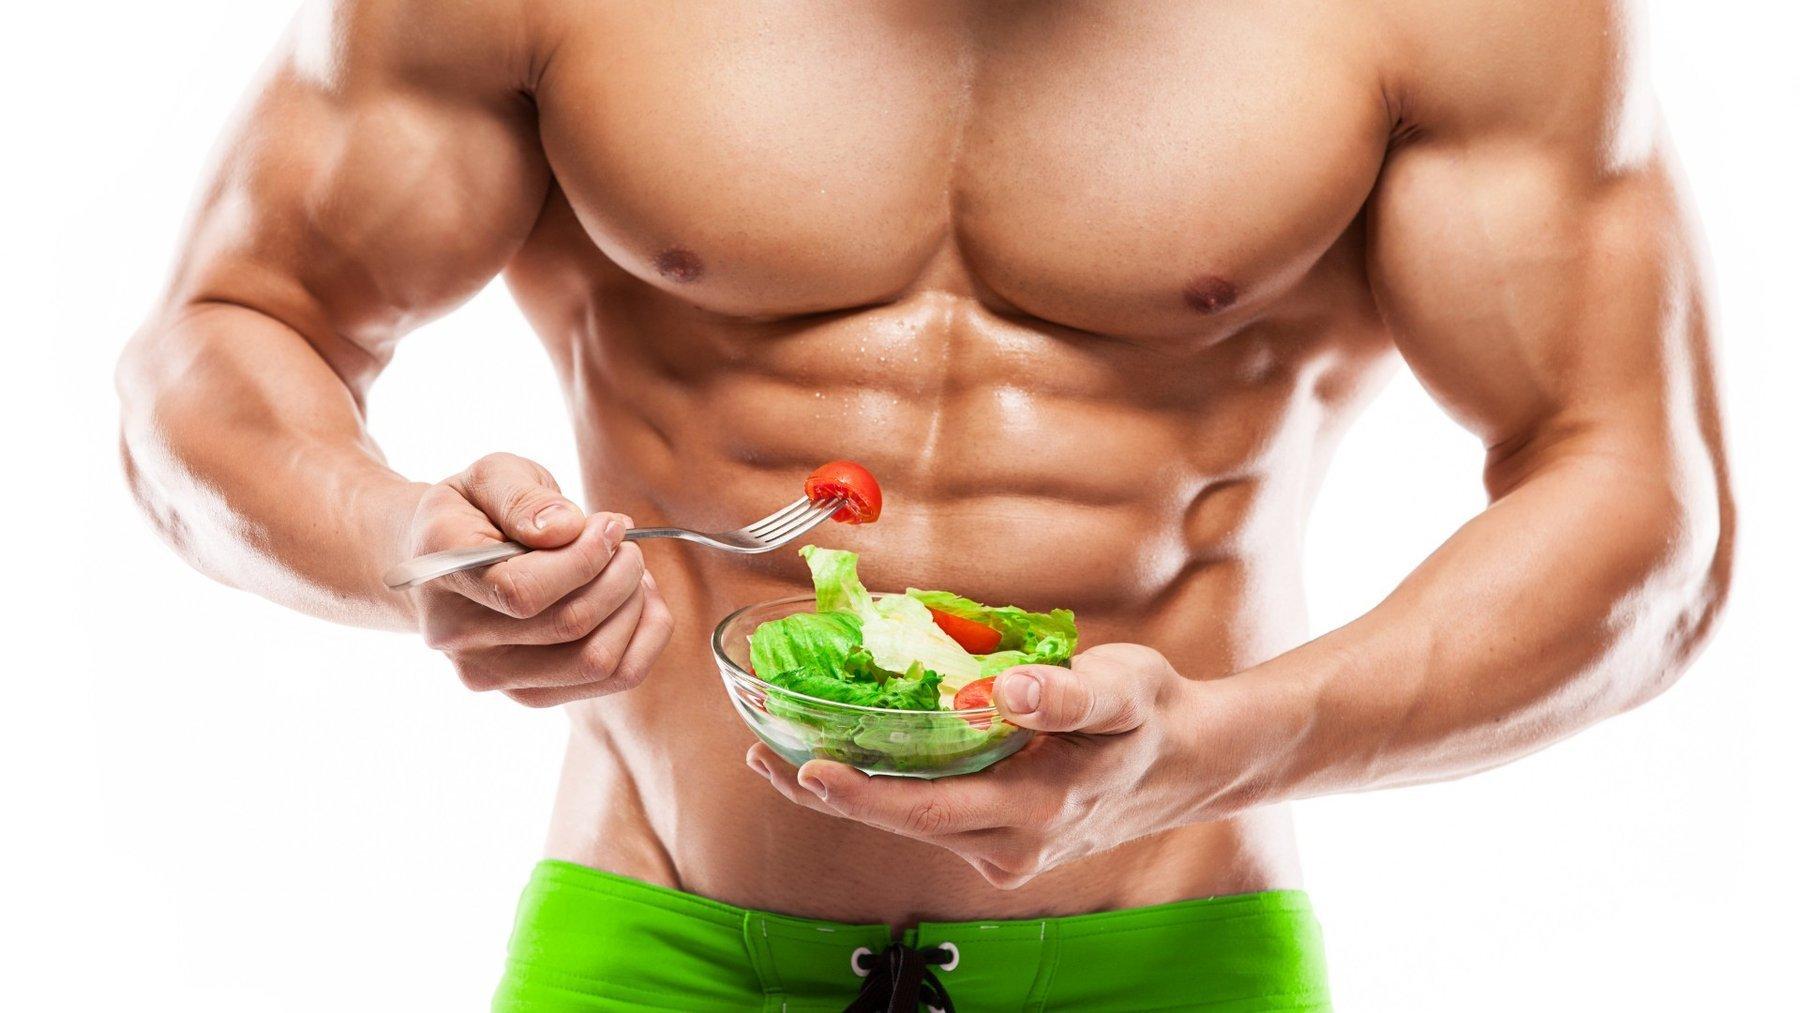 Как Сбросить Вес Если Ты Спортсмен. Сгонка веса водой, баней, диетой, жиросжигательными упражнениями и программами тренировок